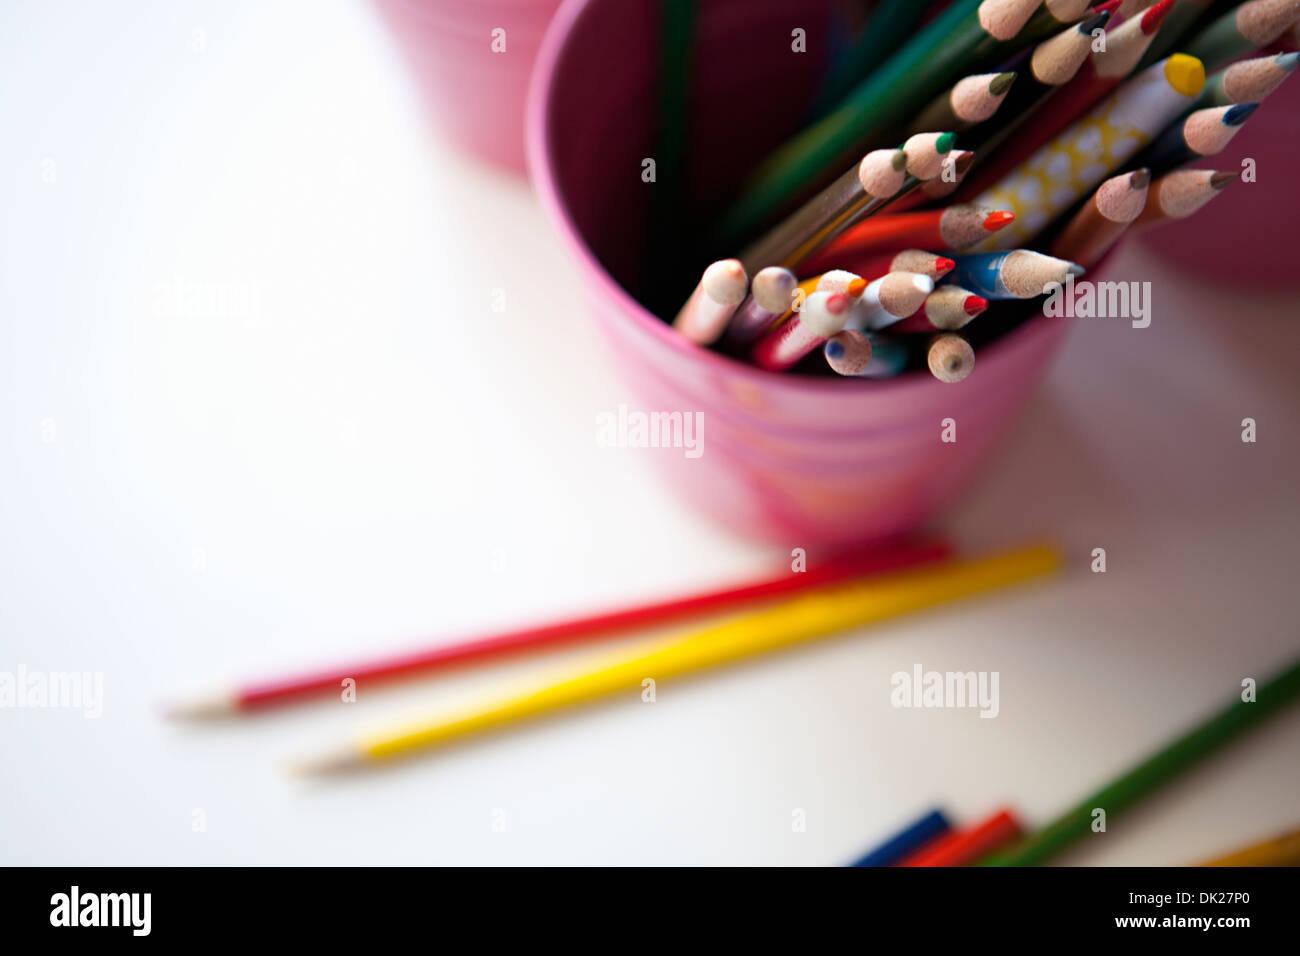 Elevato angolo di visualizzazione multicolore di arte matite colorate in rosa la benna Immagini Stock